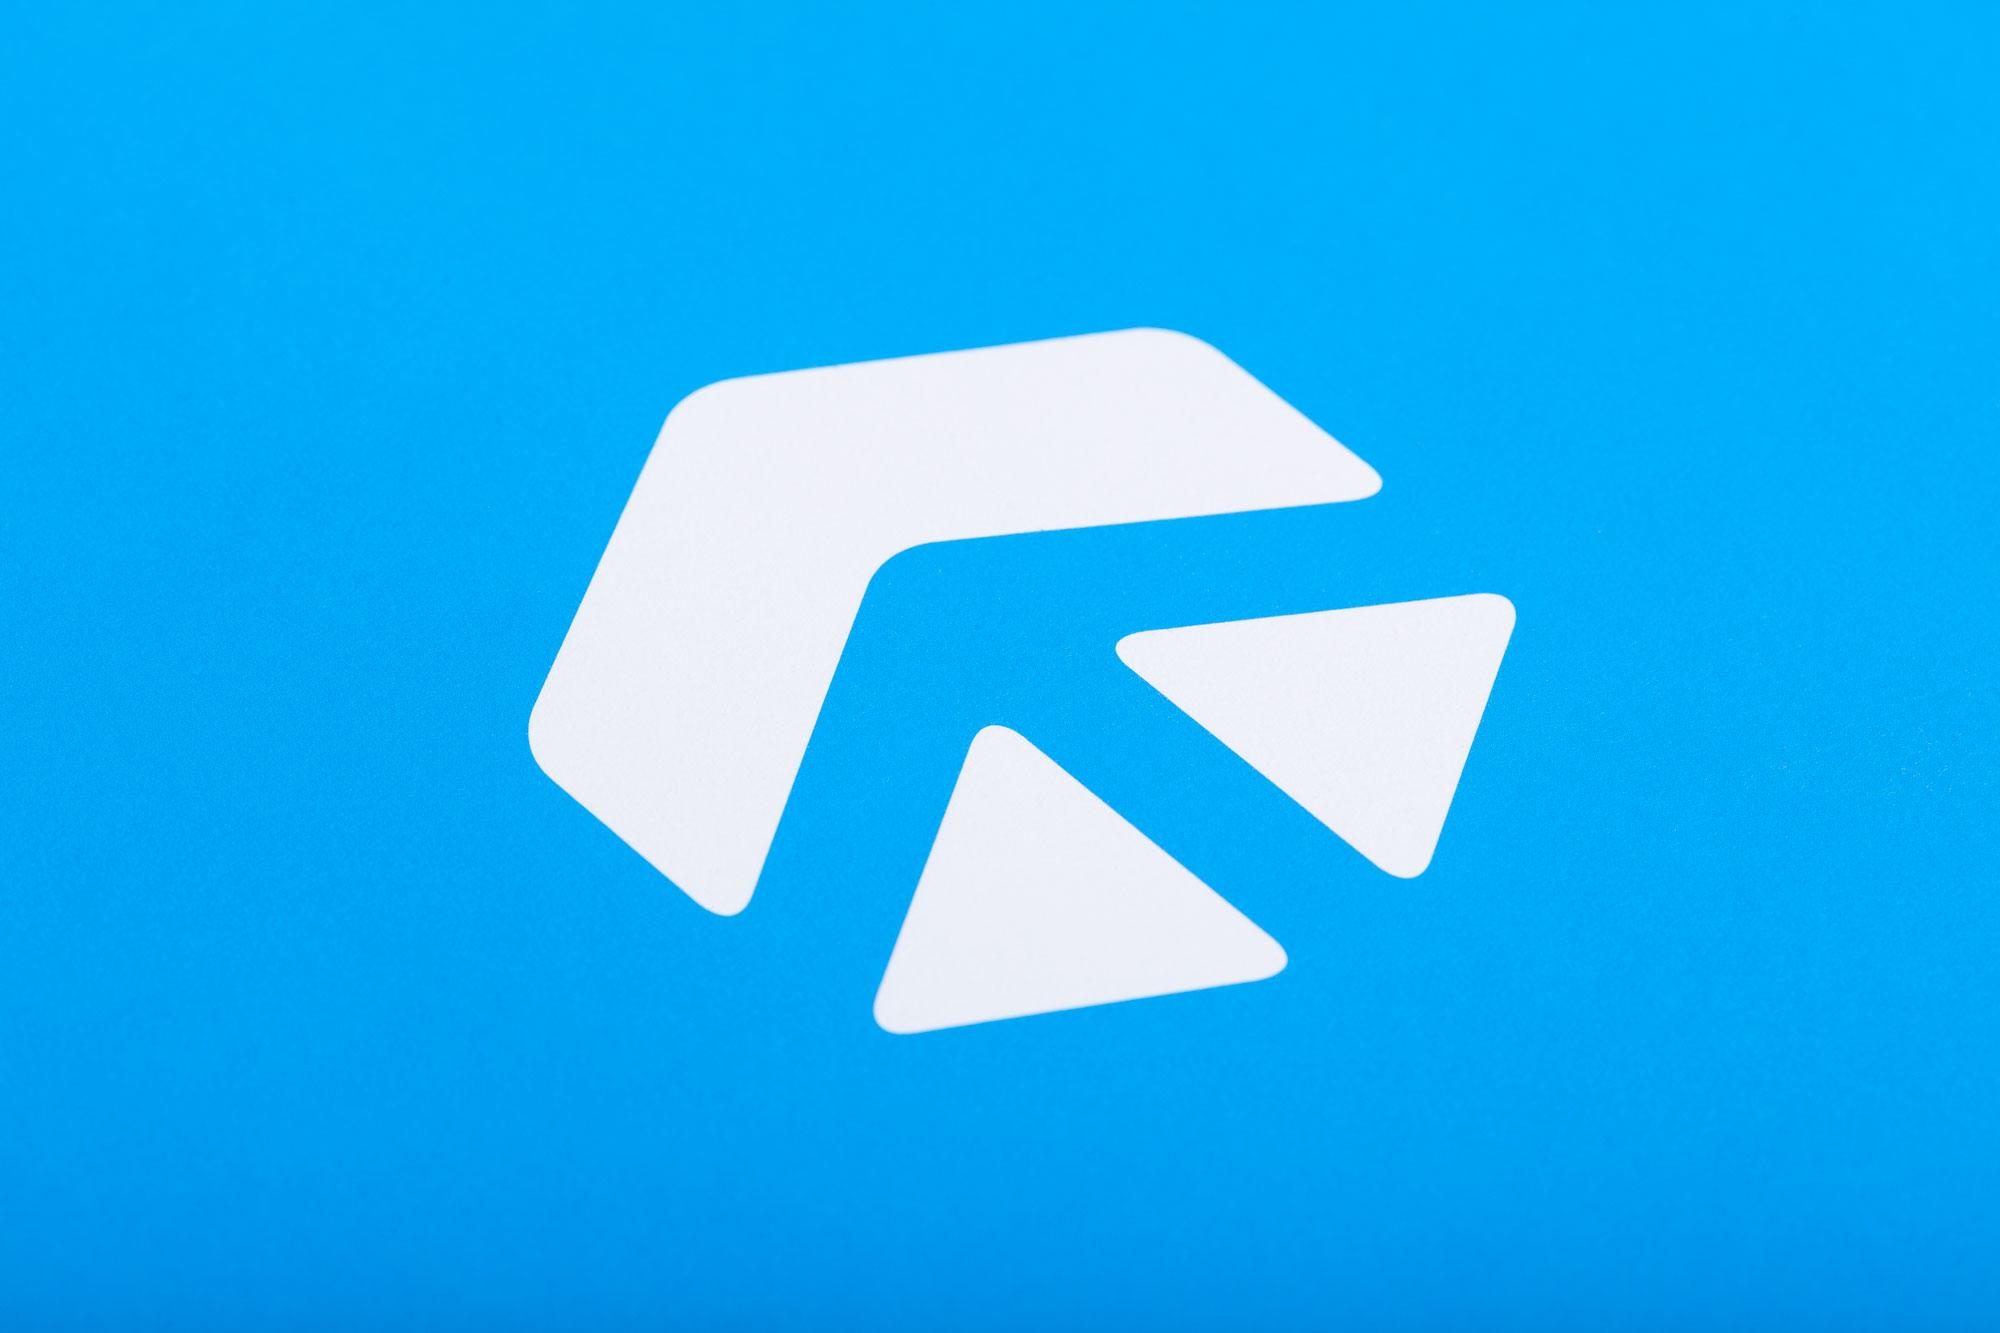 Das neue Corporate Design der Fliegner Service GmbH wurde von 75a gestaltet